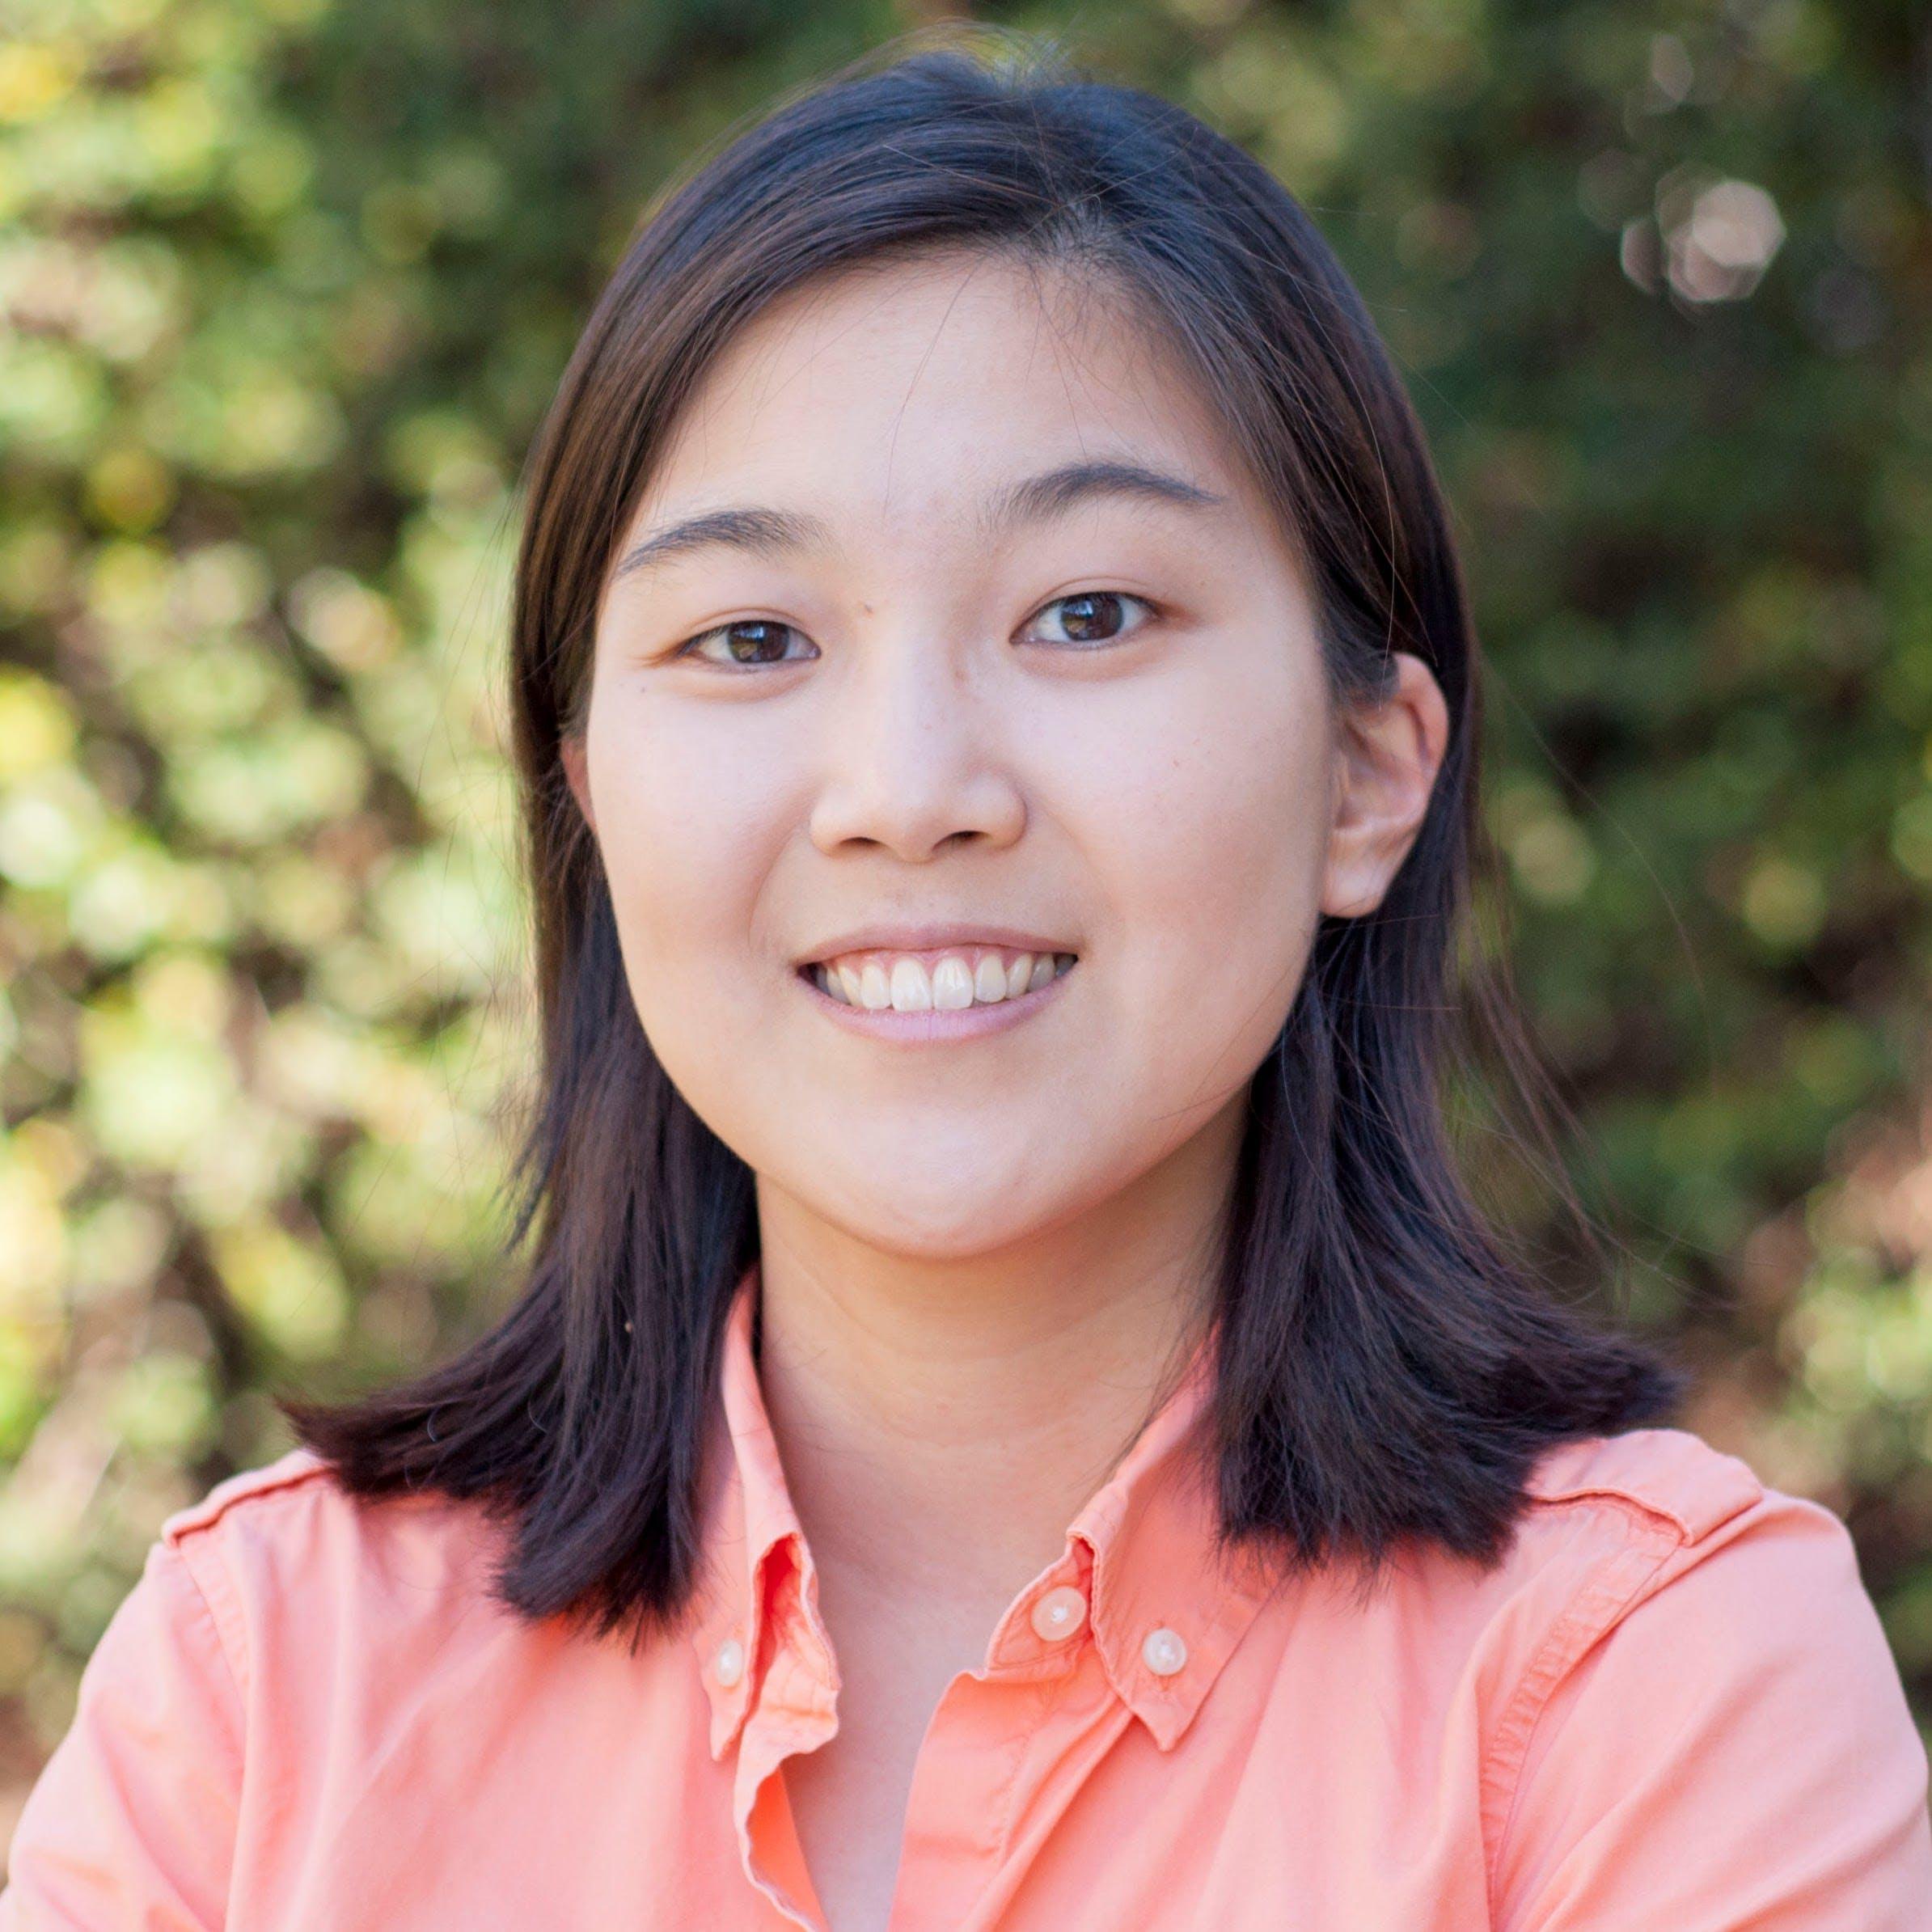 Esther Jun Kim